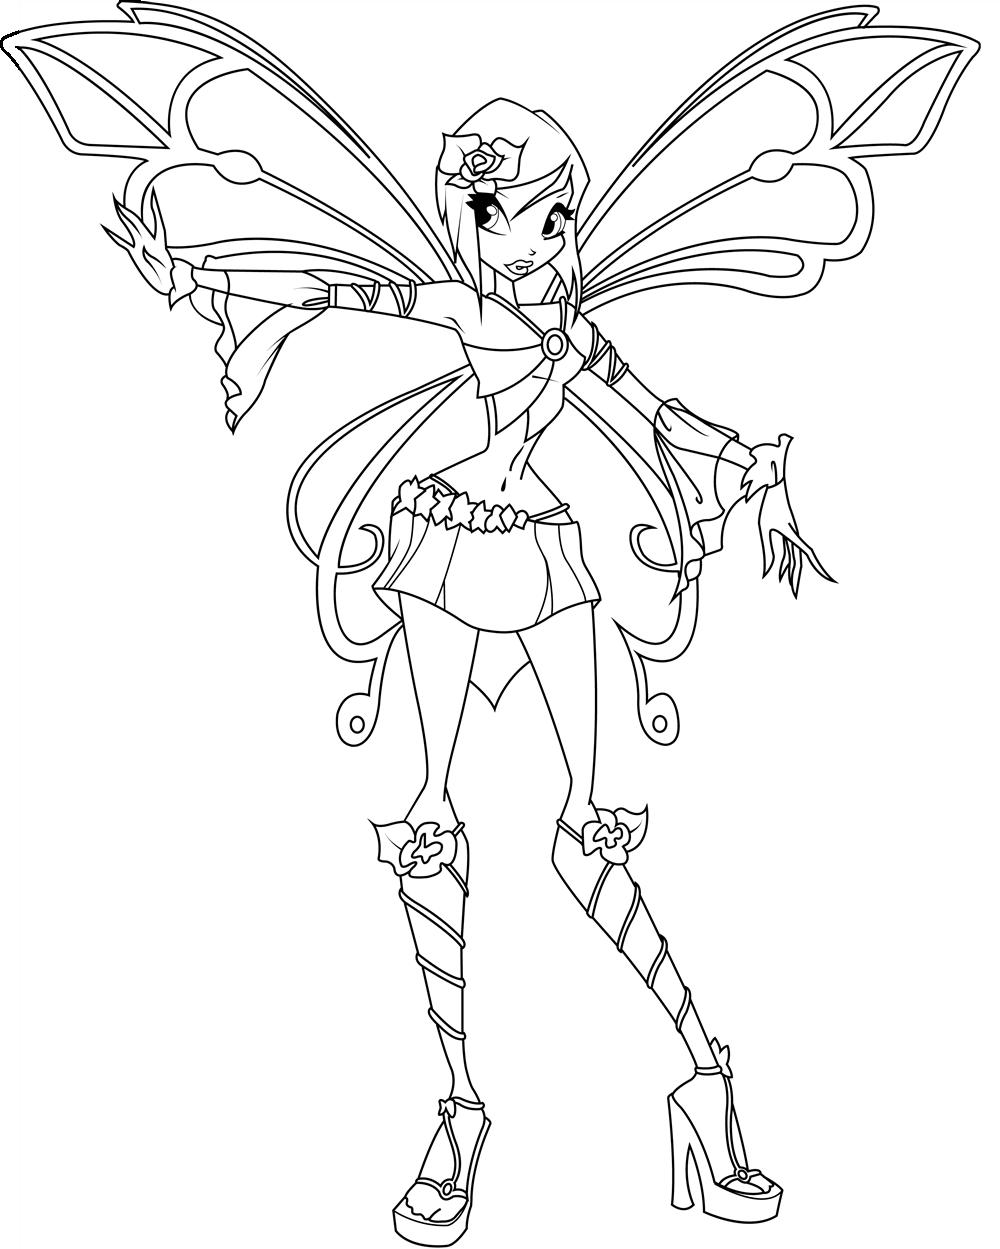 Hình tô màu công chúa phép thuật